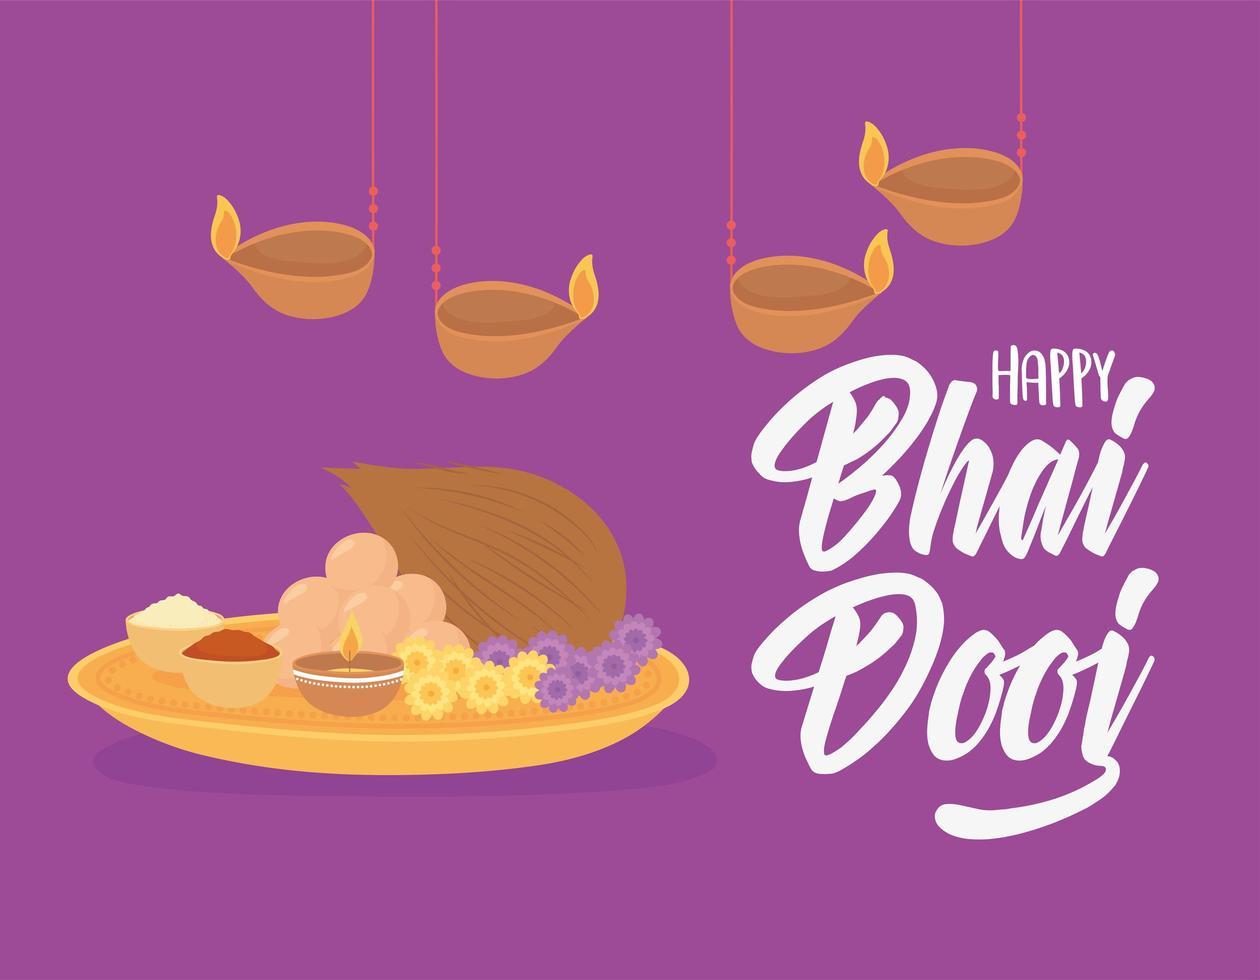 felice bhai dooj. lampade a sospensione, celebrazione del cibo indiano vettore